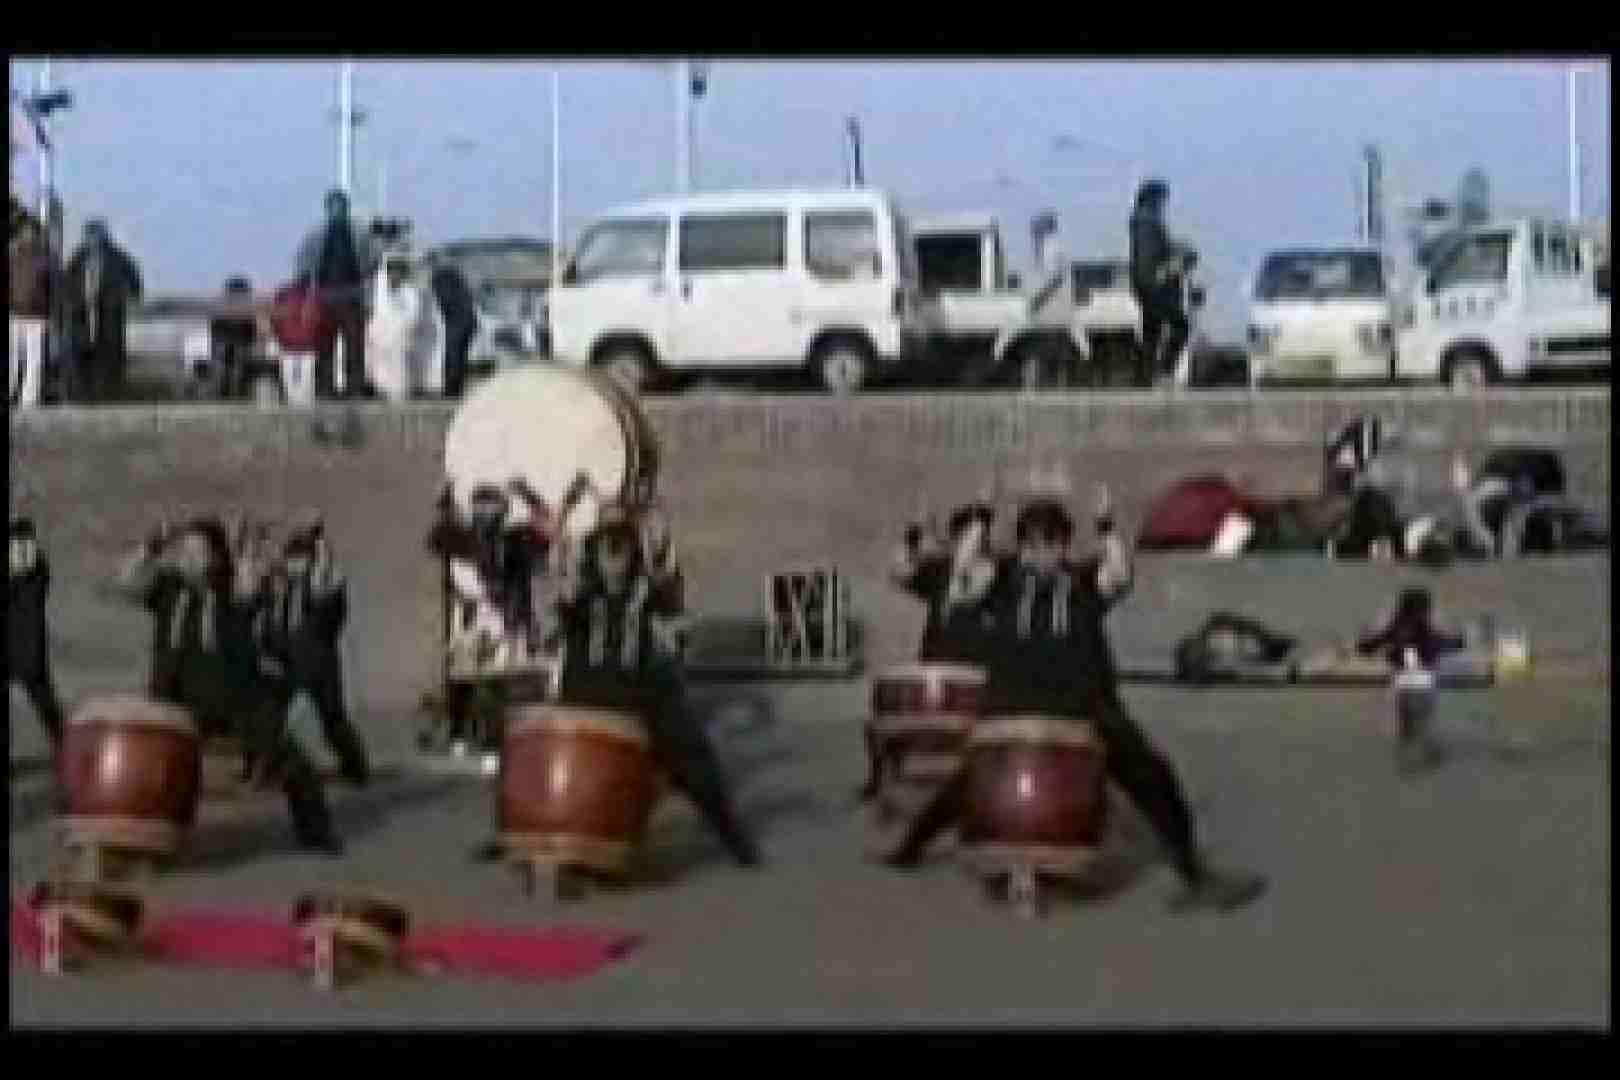 陰間茶屋 男児祭り VOL.1 野外露出 ゲイ素人エロ画像 66枚 30